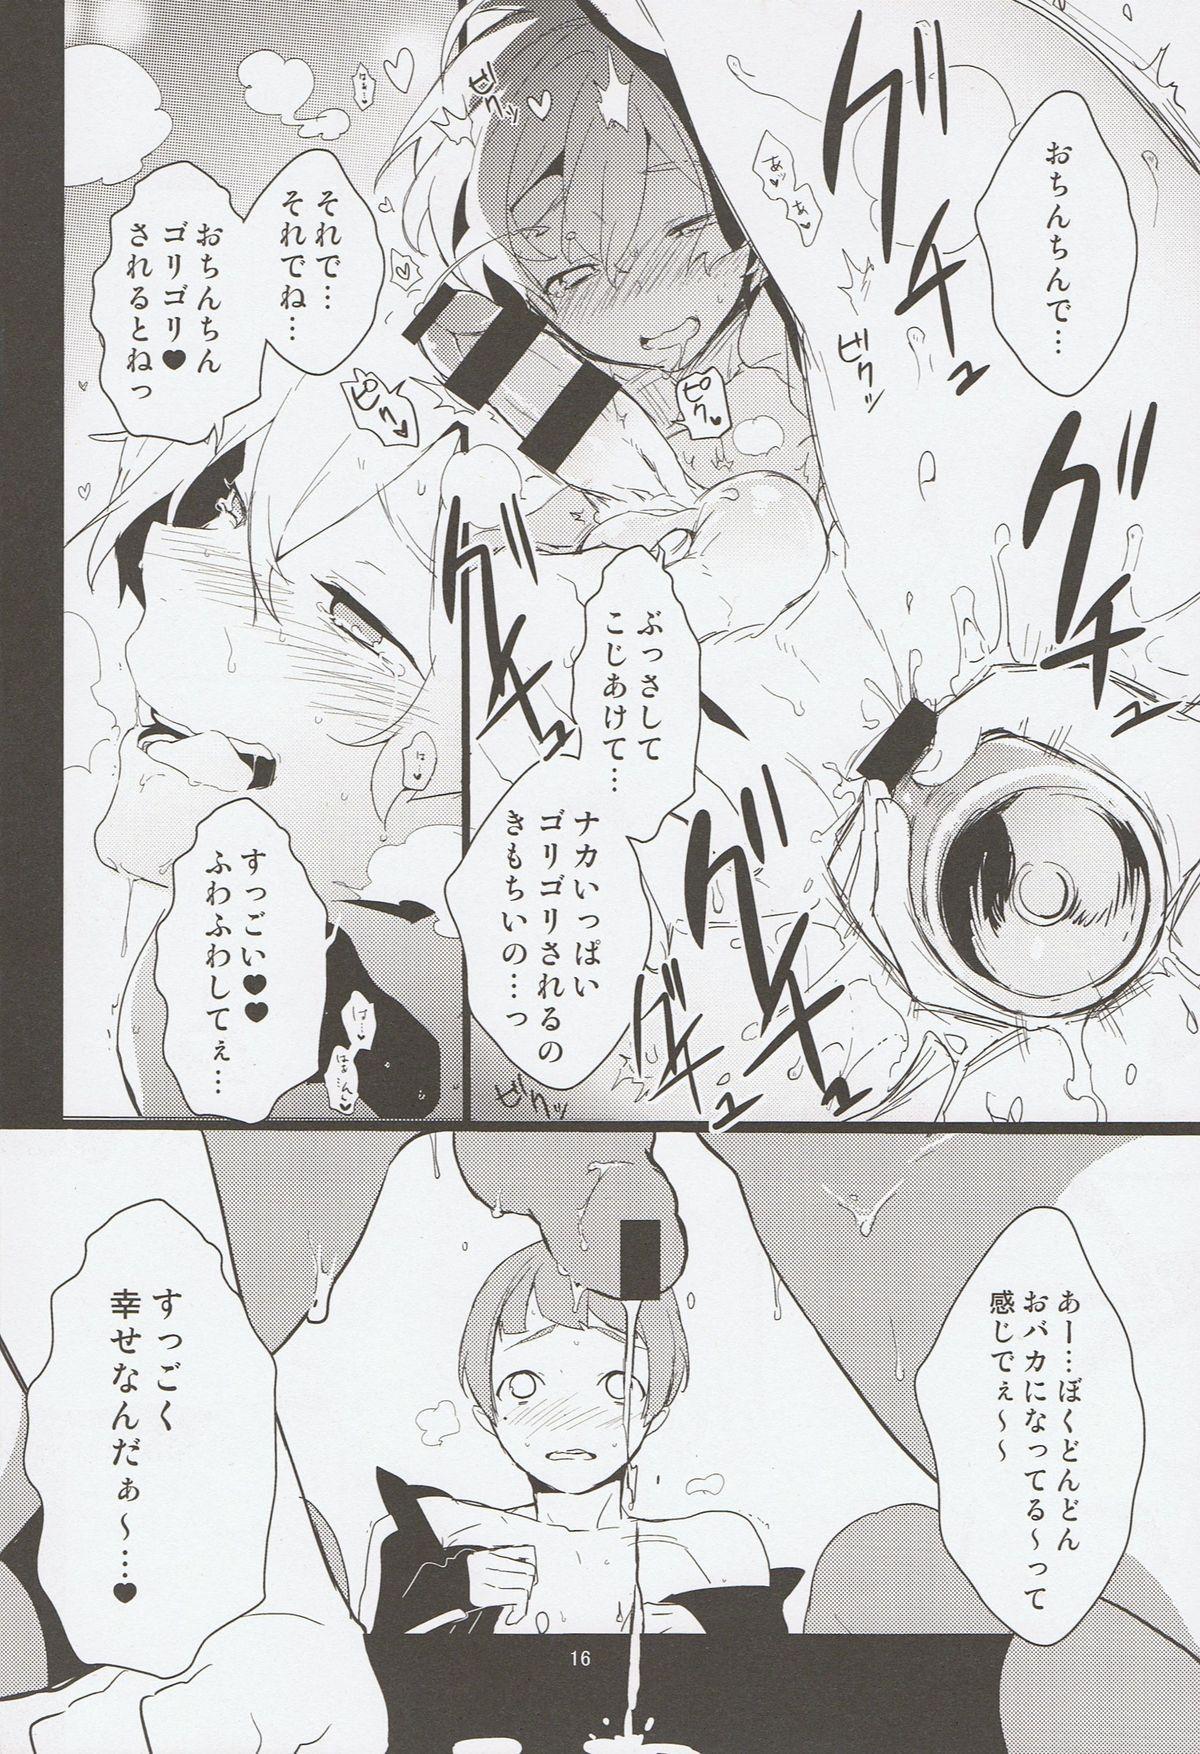 (C86) [MERYx3 (Numeri)] Nagisa-kun to Nitori-kun wo Muriyari Karamaseta Hon (Free!) 14